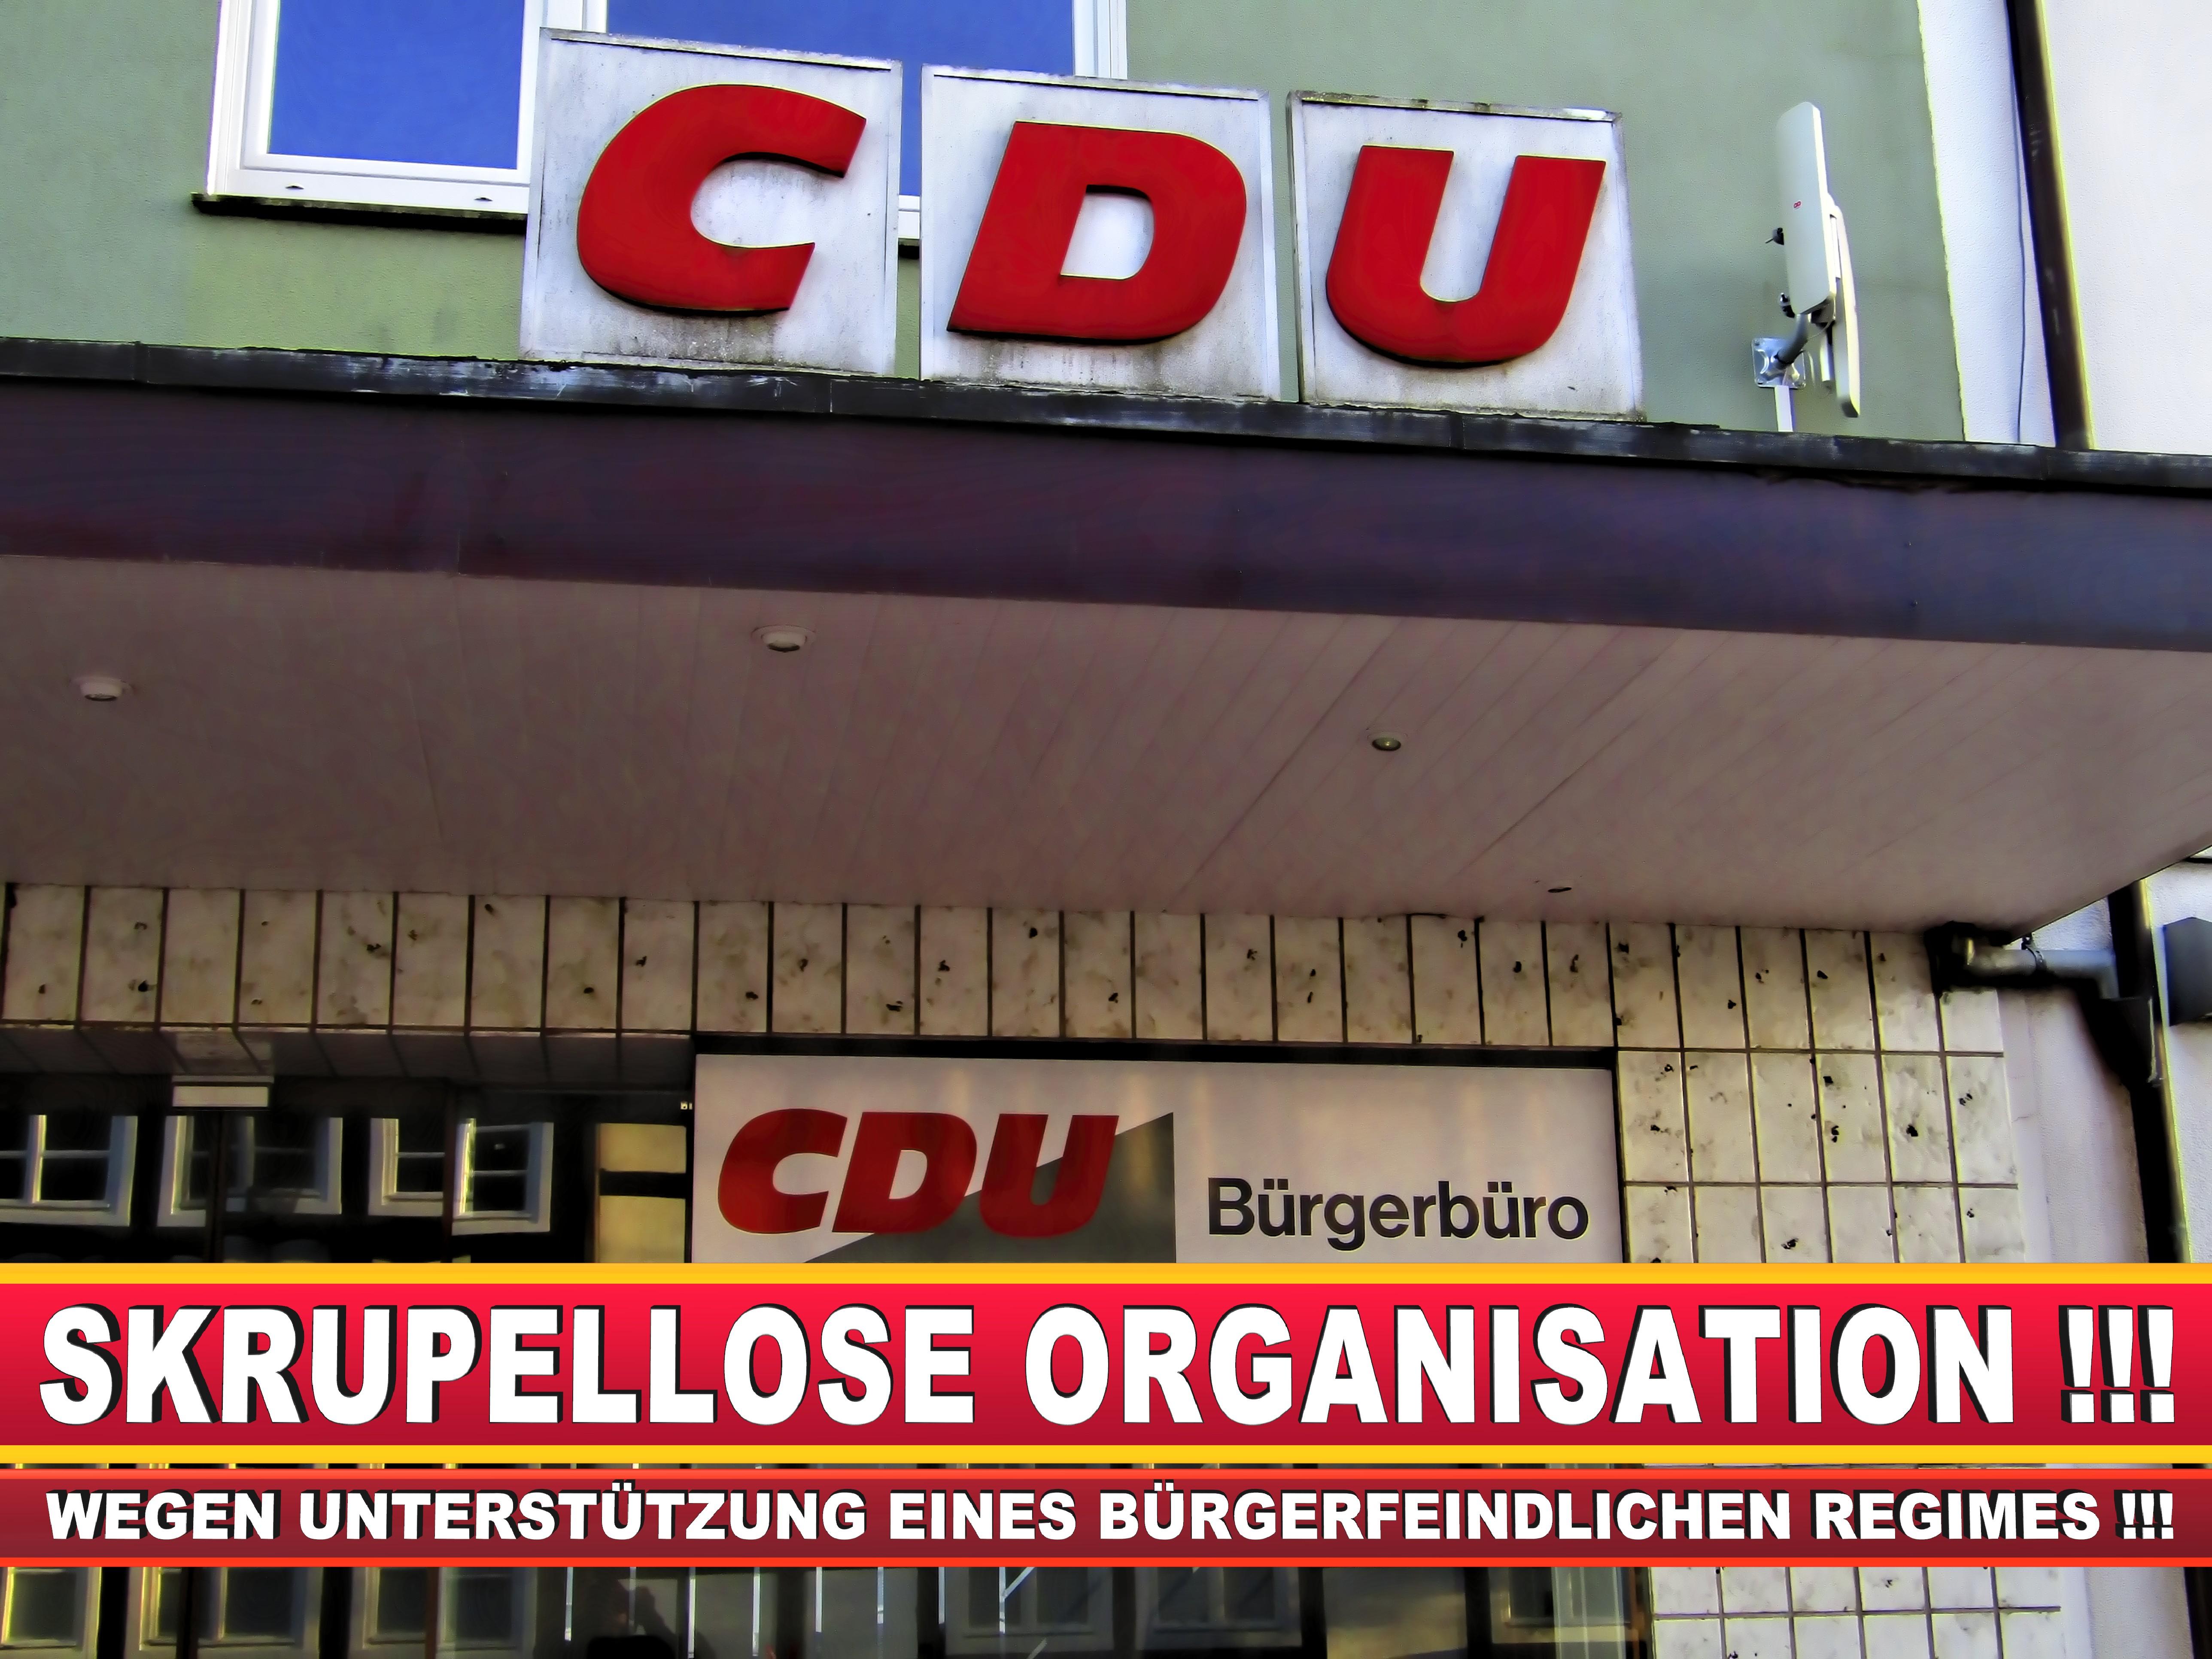 CDU GEMEINDEVERBAND STEINHAGEN AM MARKT 13 33803 STEINHAGEN NRW ORTSVERBAND CDU STEINHAGEN (6)